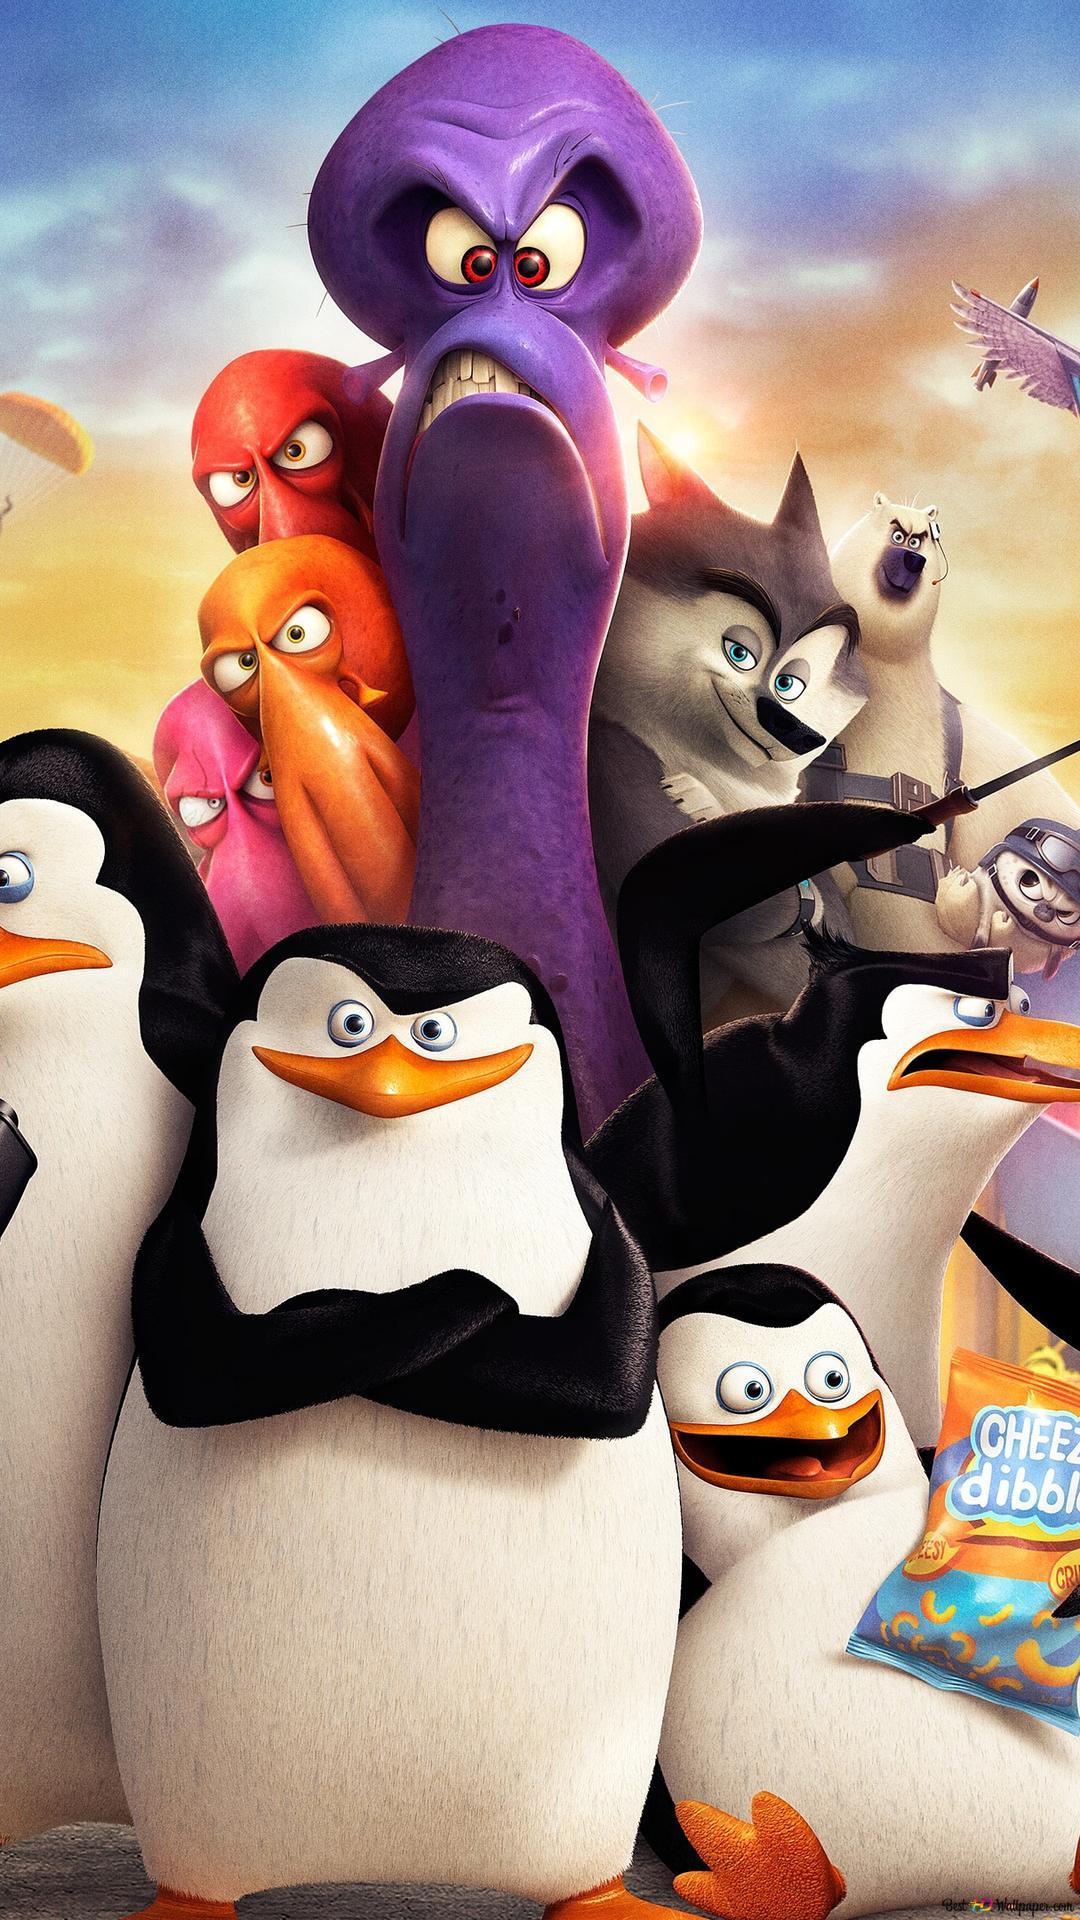 Скачать торрент пингвины из мадагаскара 1 сезон.